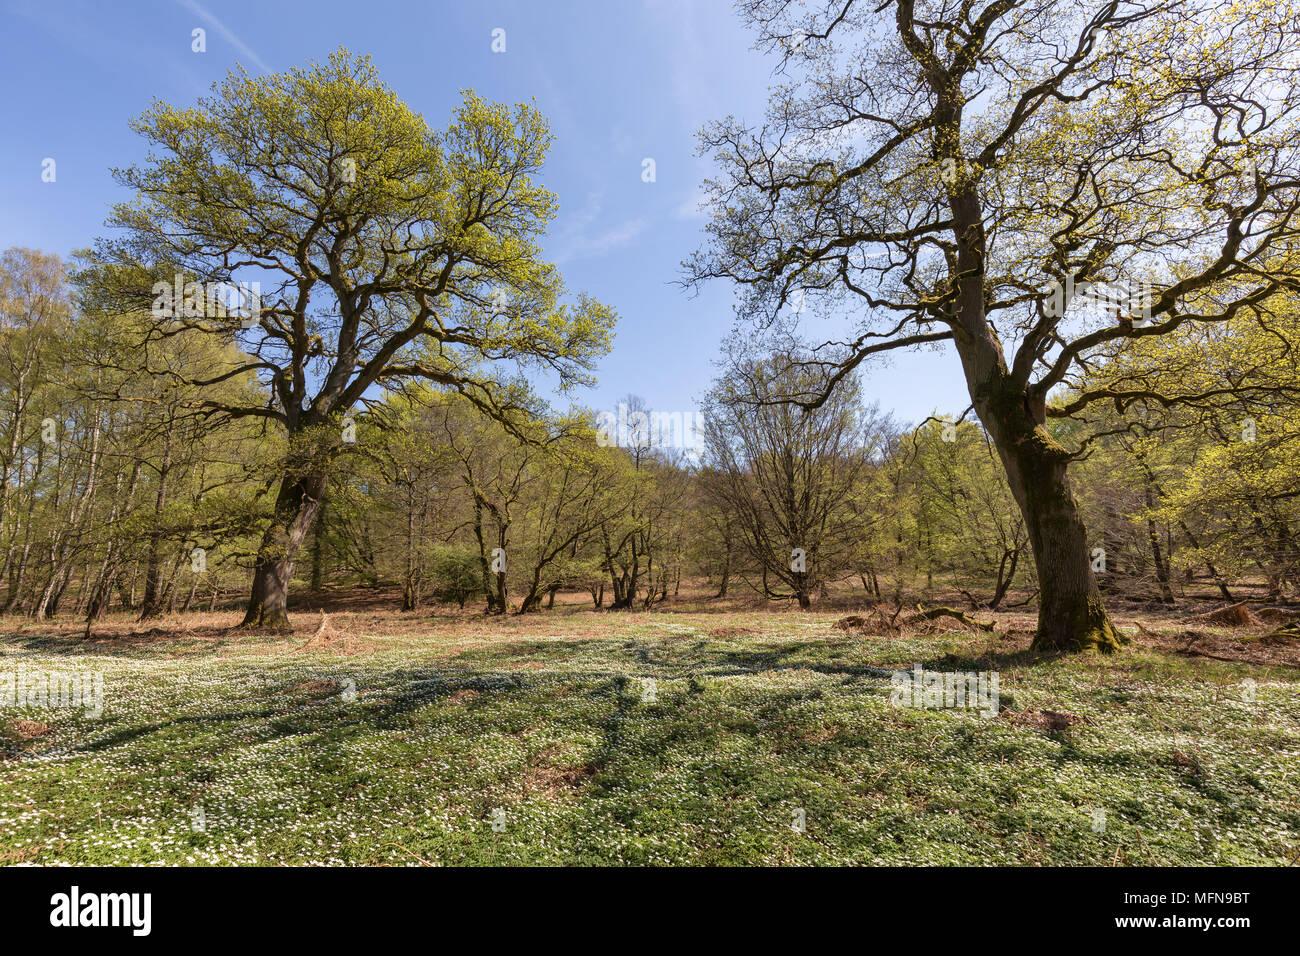 oak trees in springtime - Stock Image